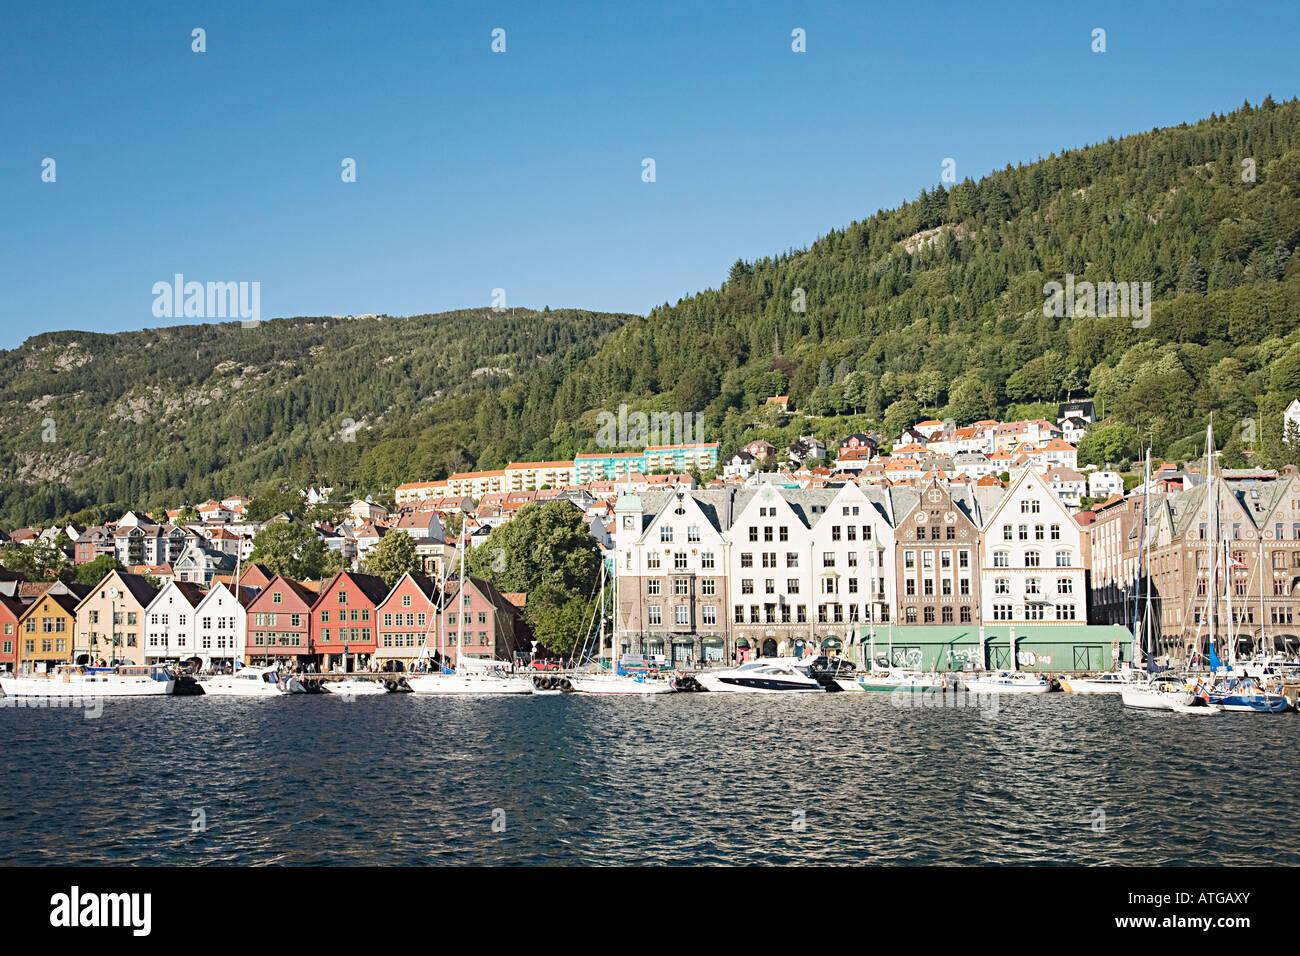 Hanseatic merchants houses bryggen - Stock Image